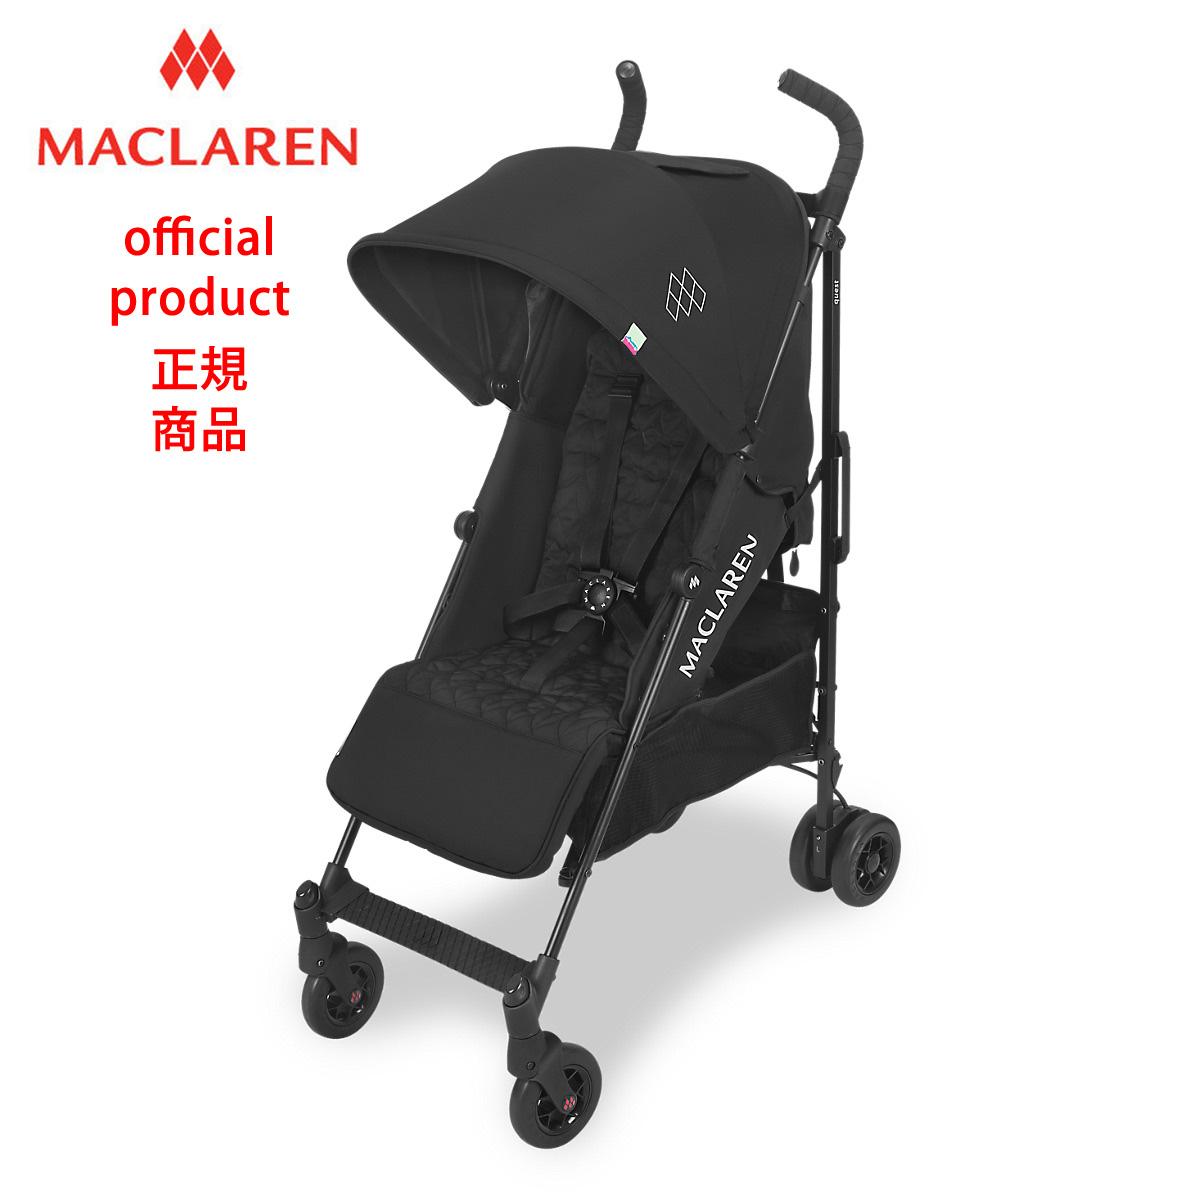 マクラーレン2018クエスト_Maclaren2018Quest